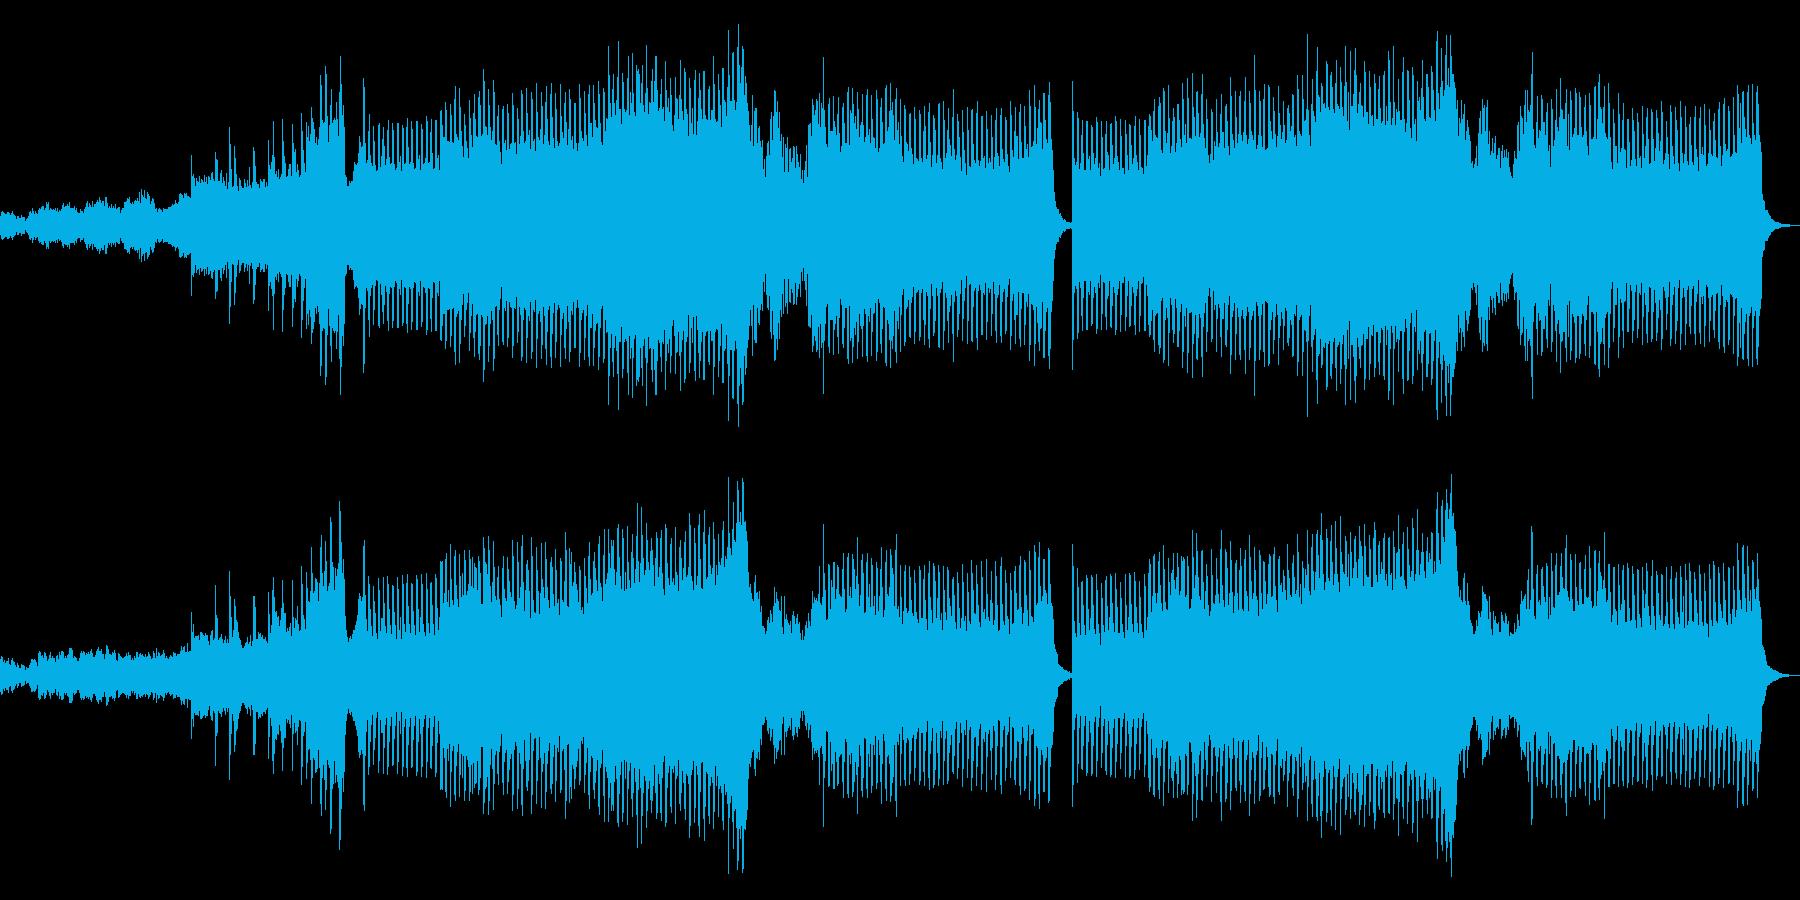 ゲームの最終決戦前に流れるようなBGMの再生済みの波形